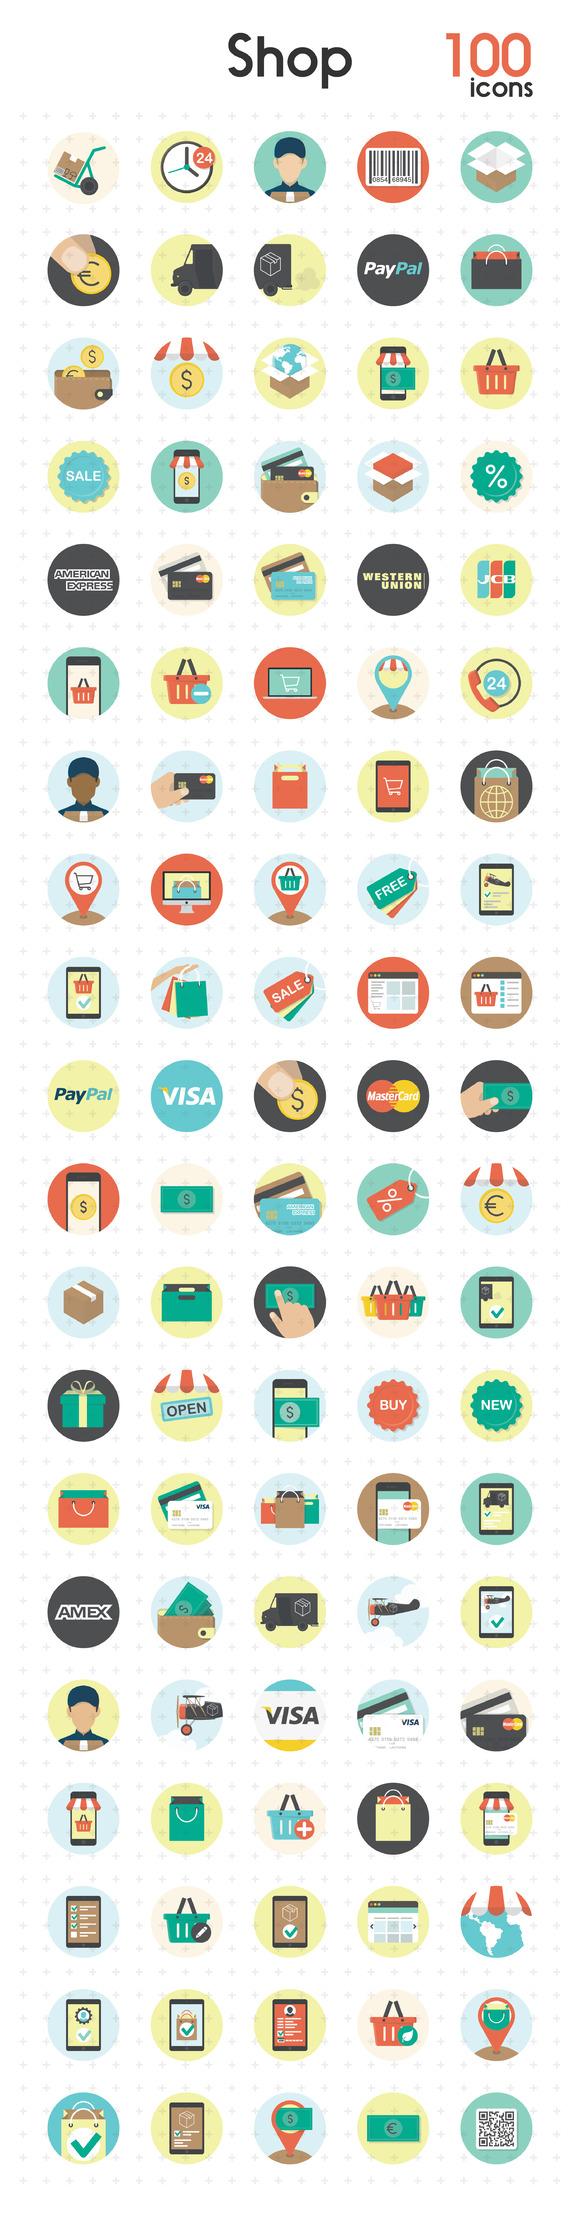 Shop Payment Vol.1